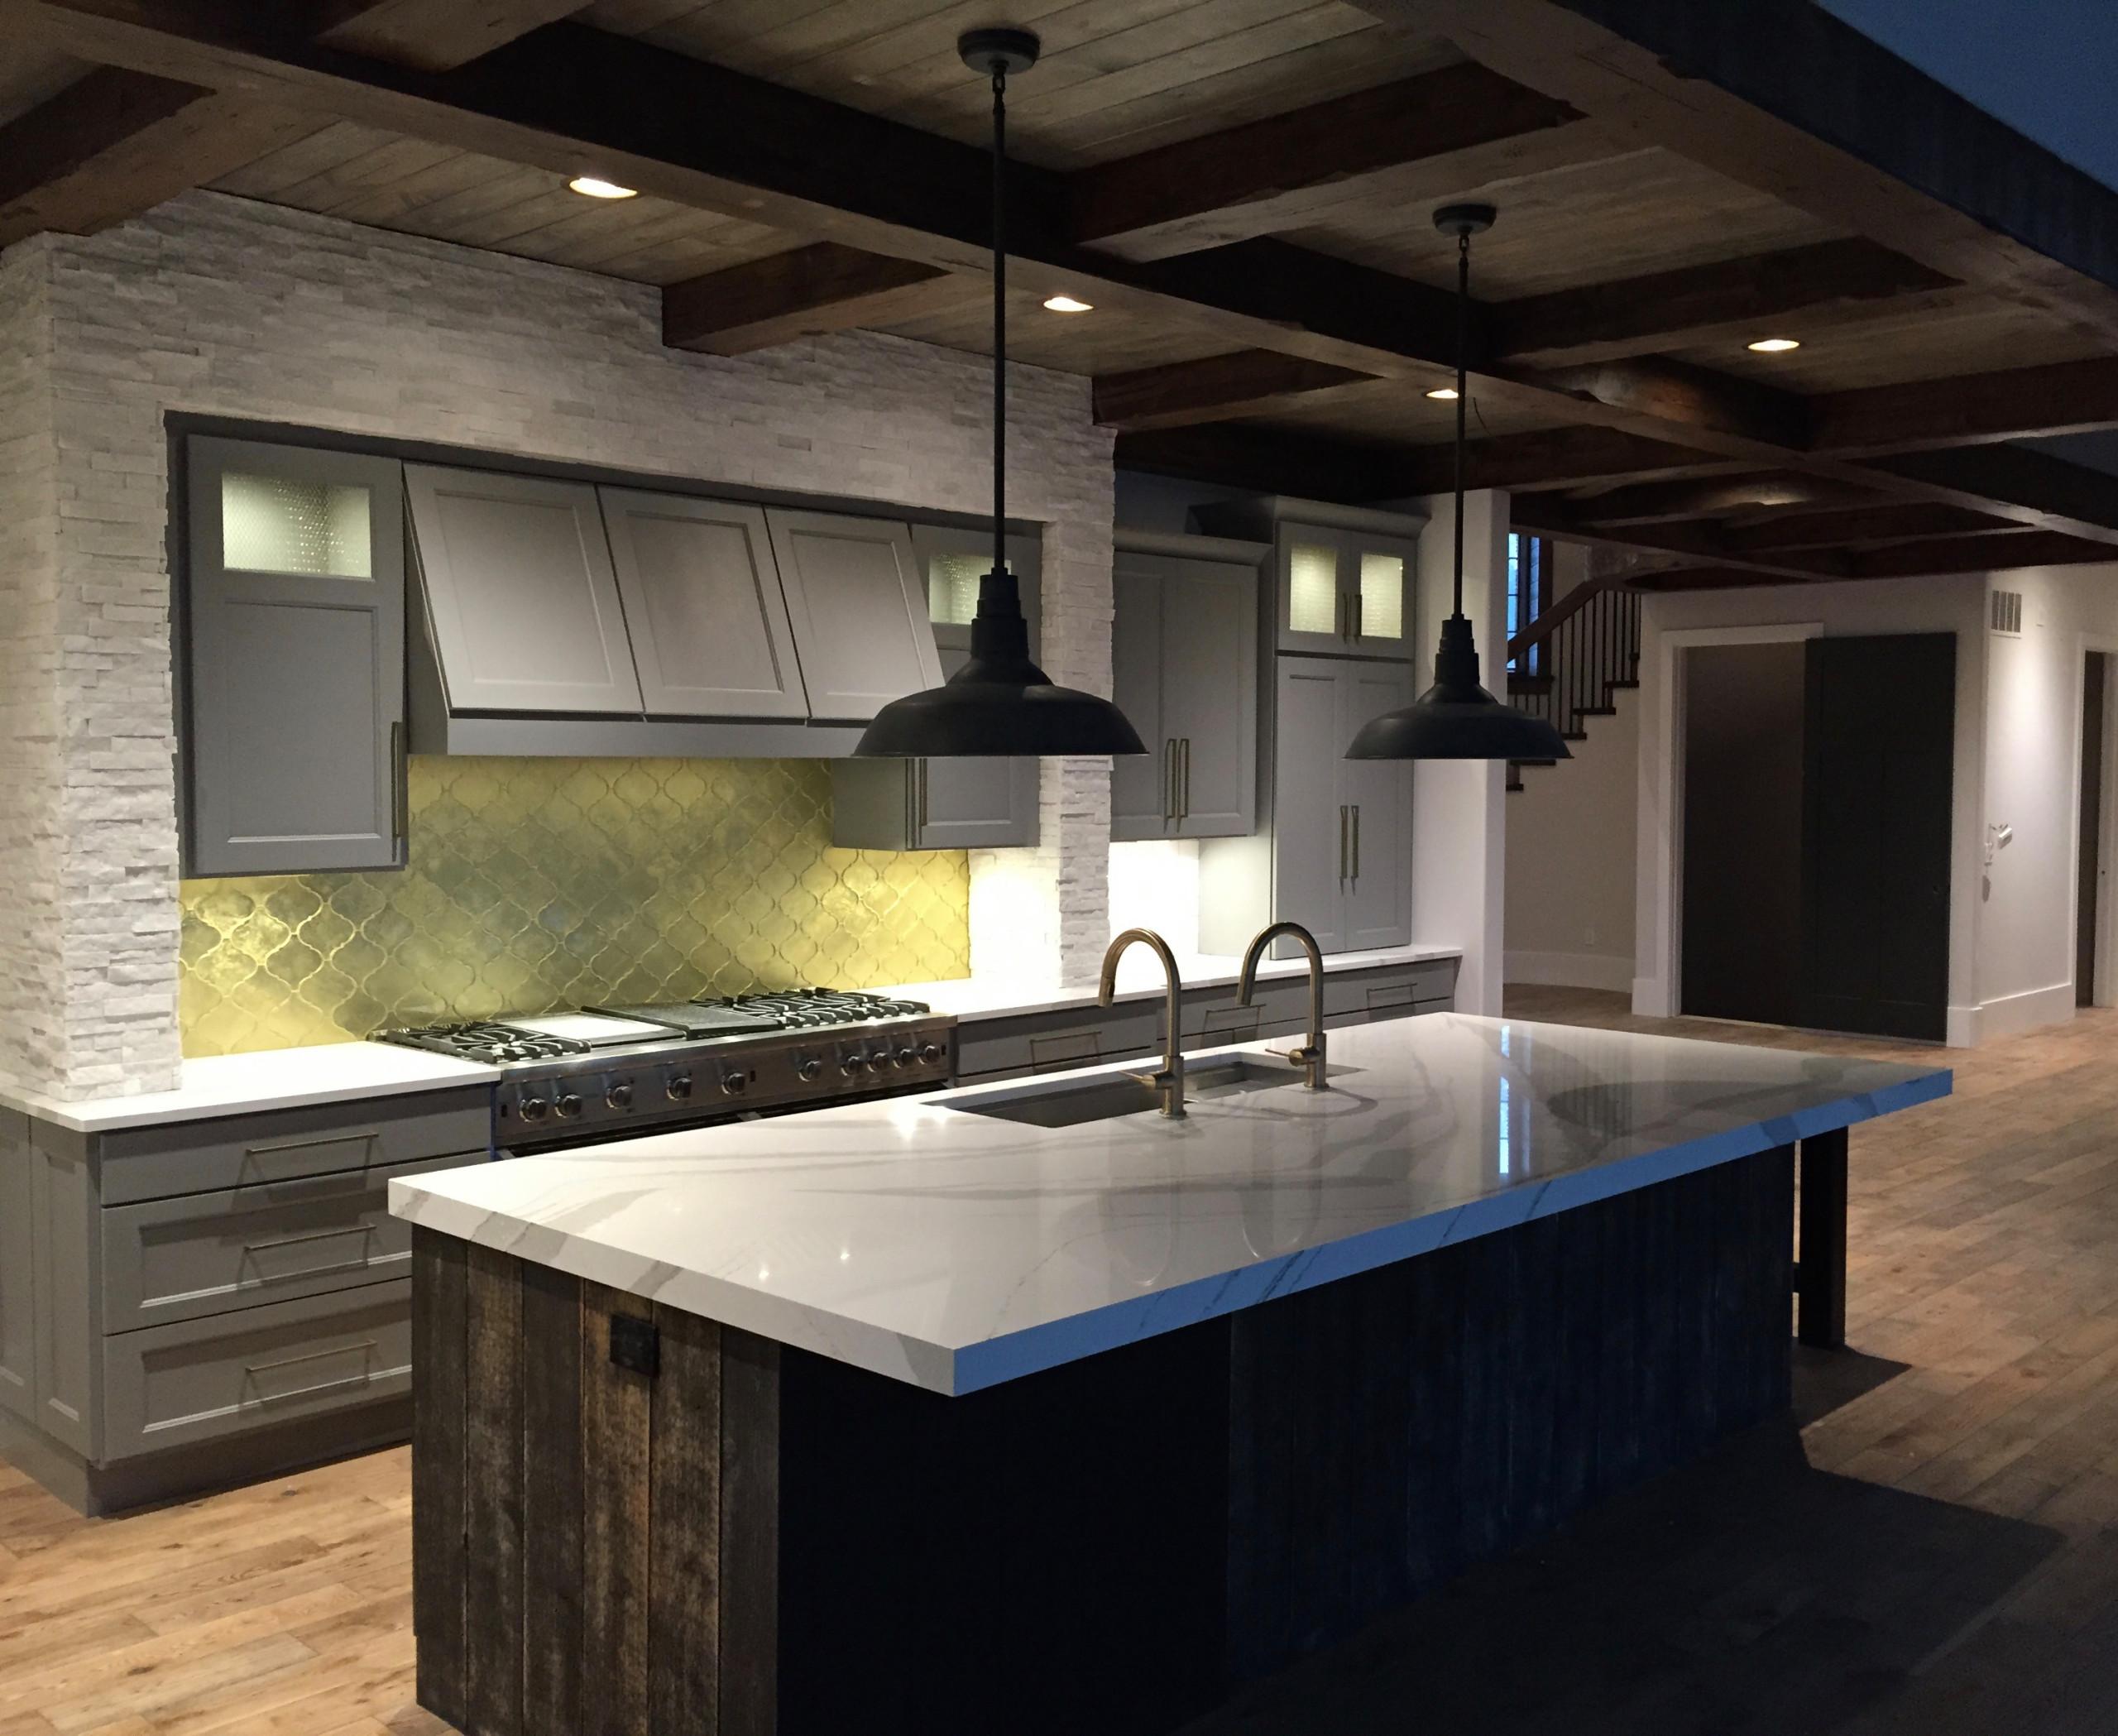 Haas Kitchen in Zionsville